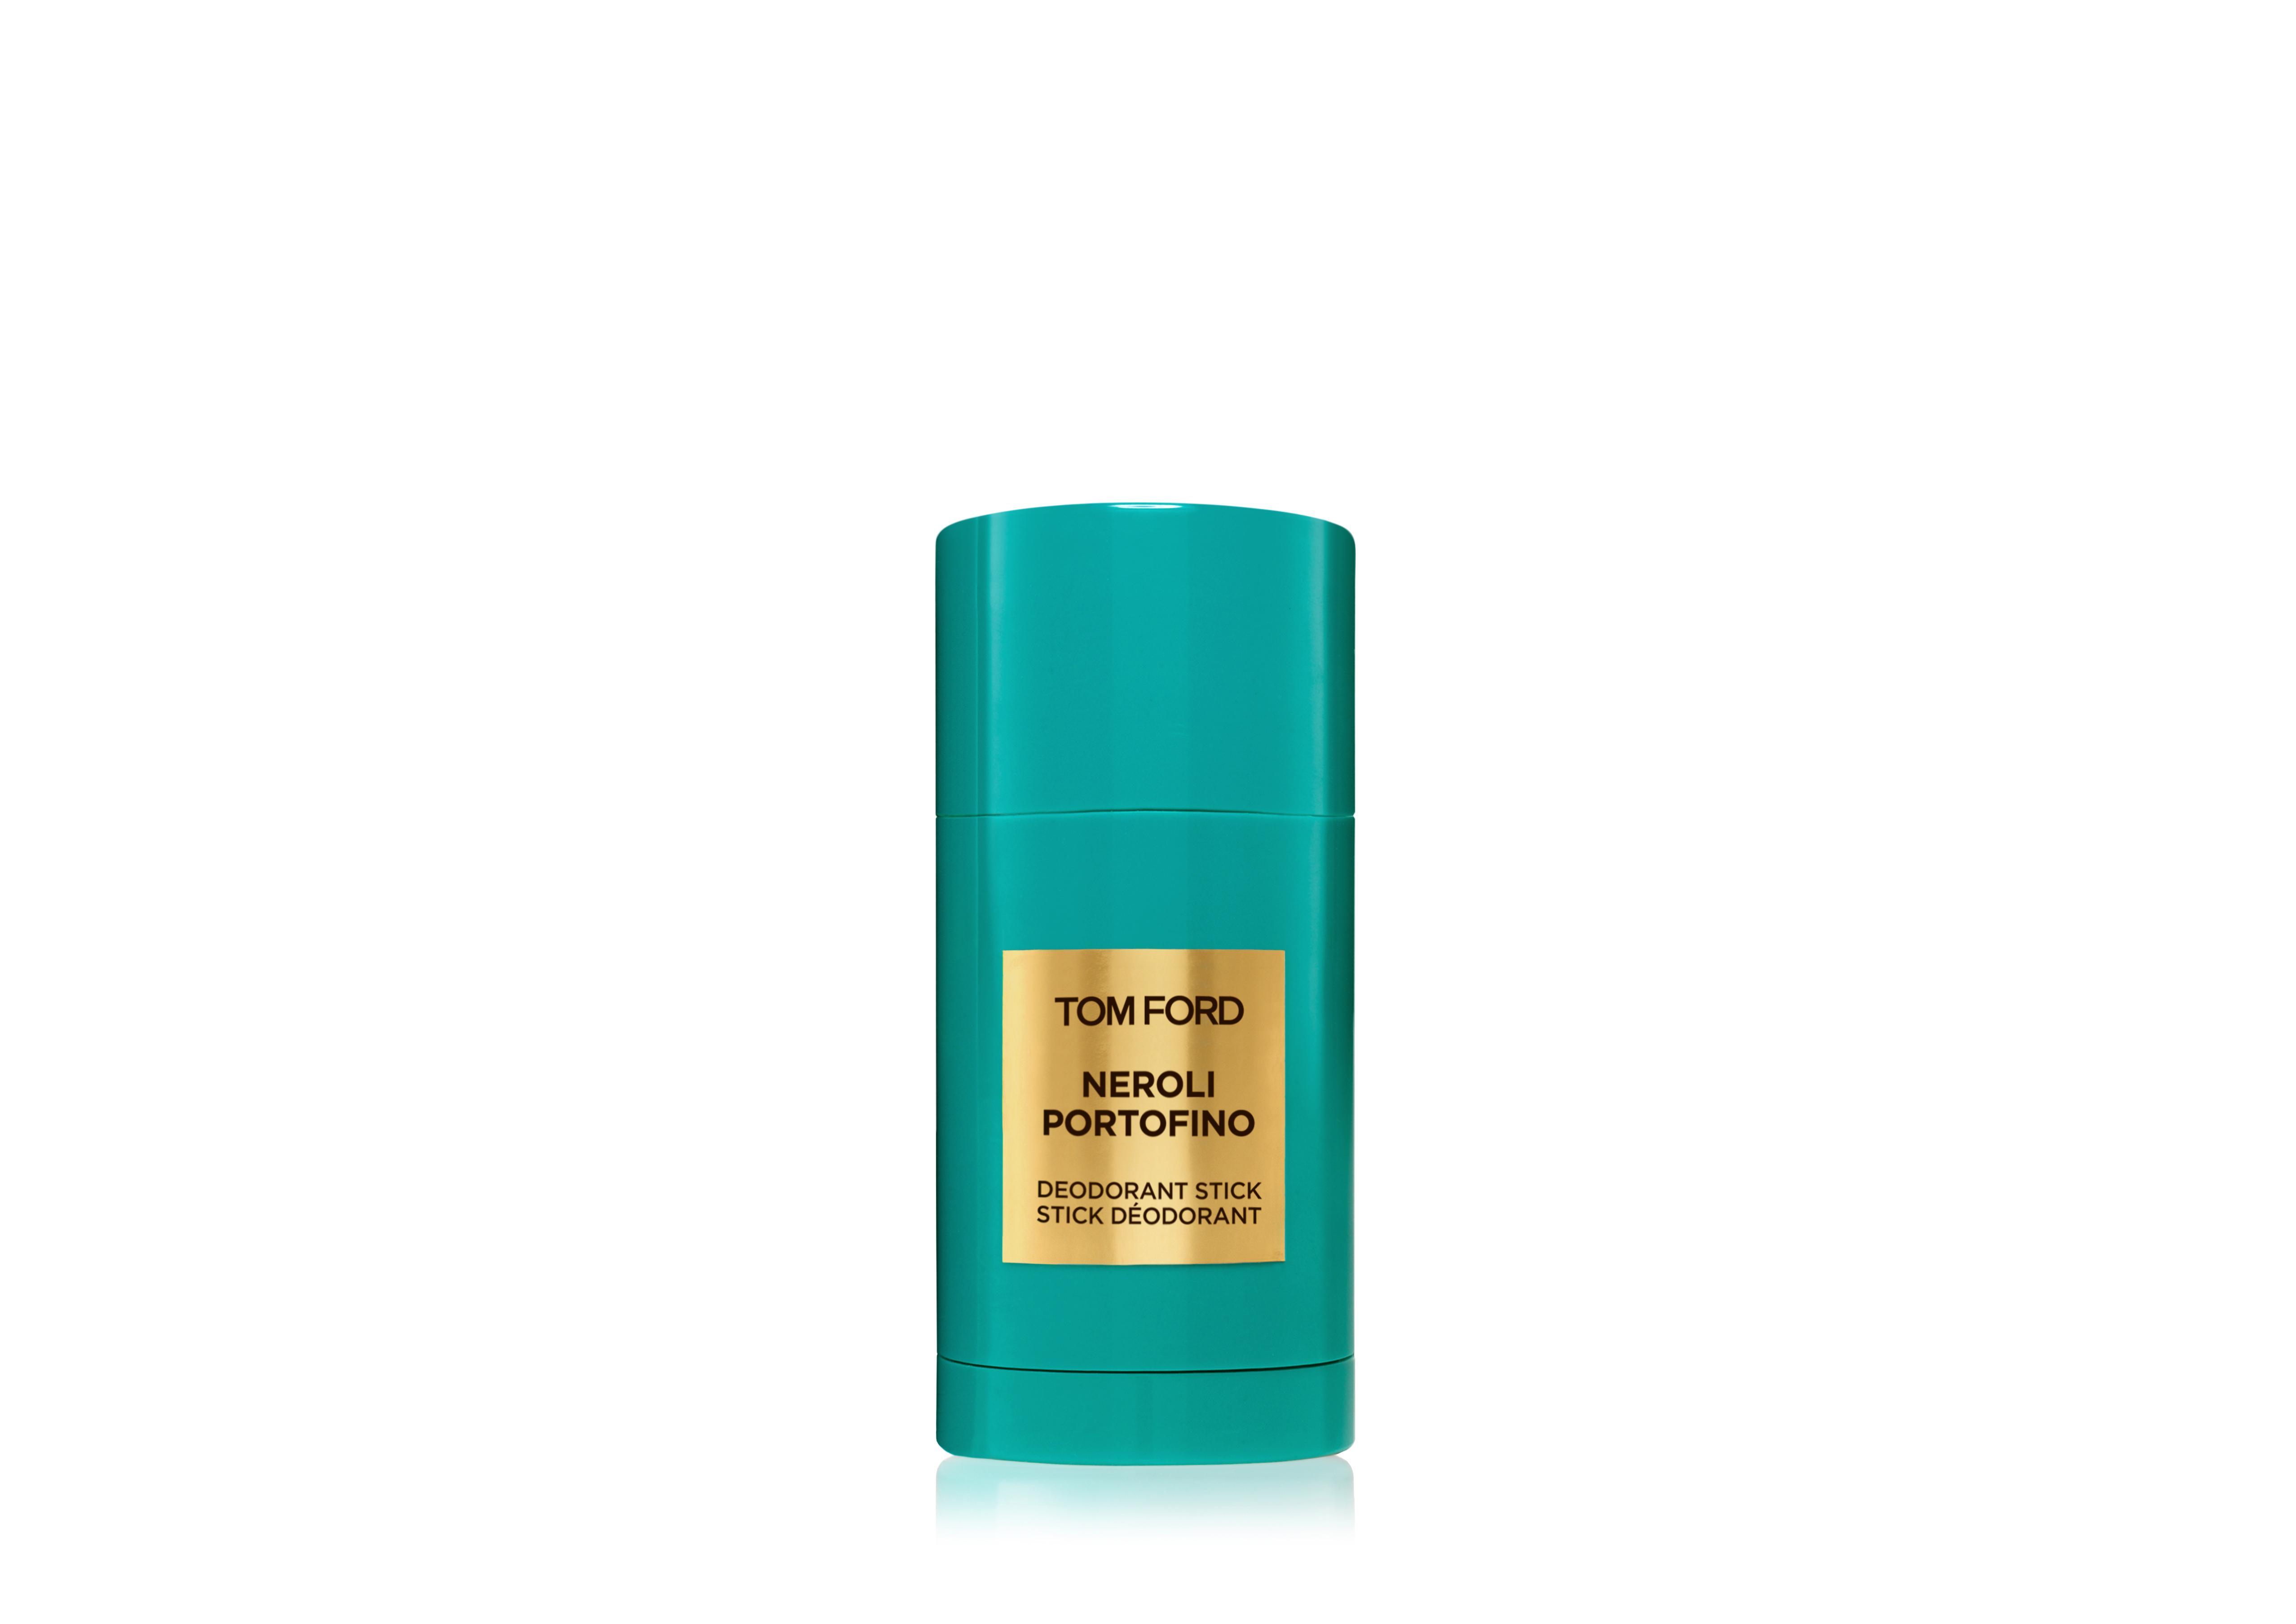 Neroli Portofino Deodorant Stick A thumbnail